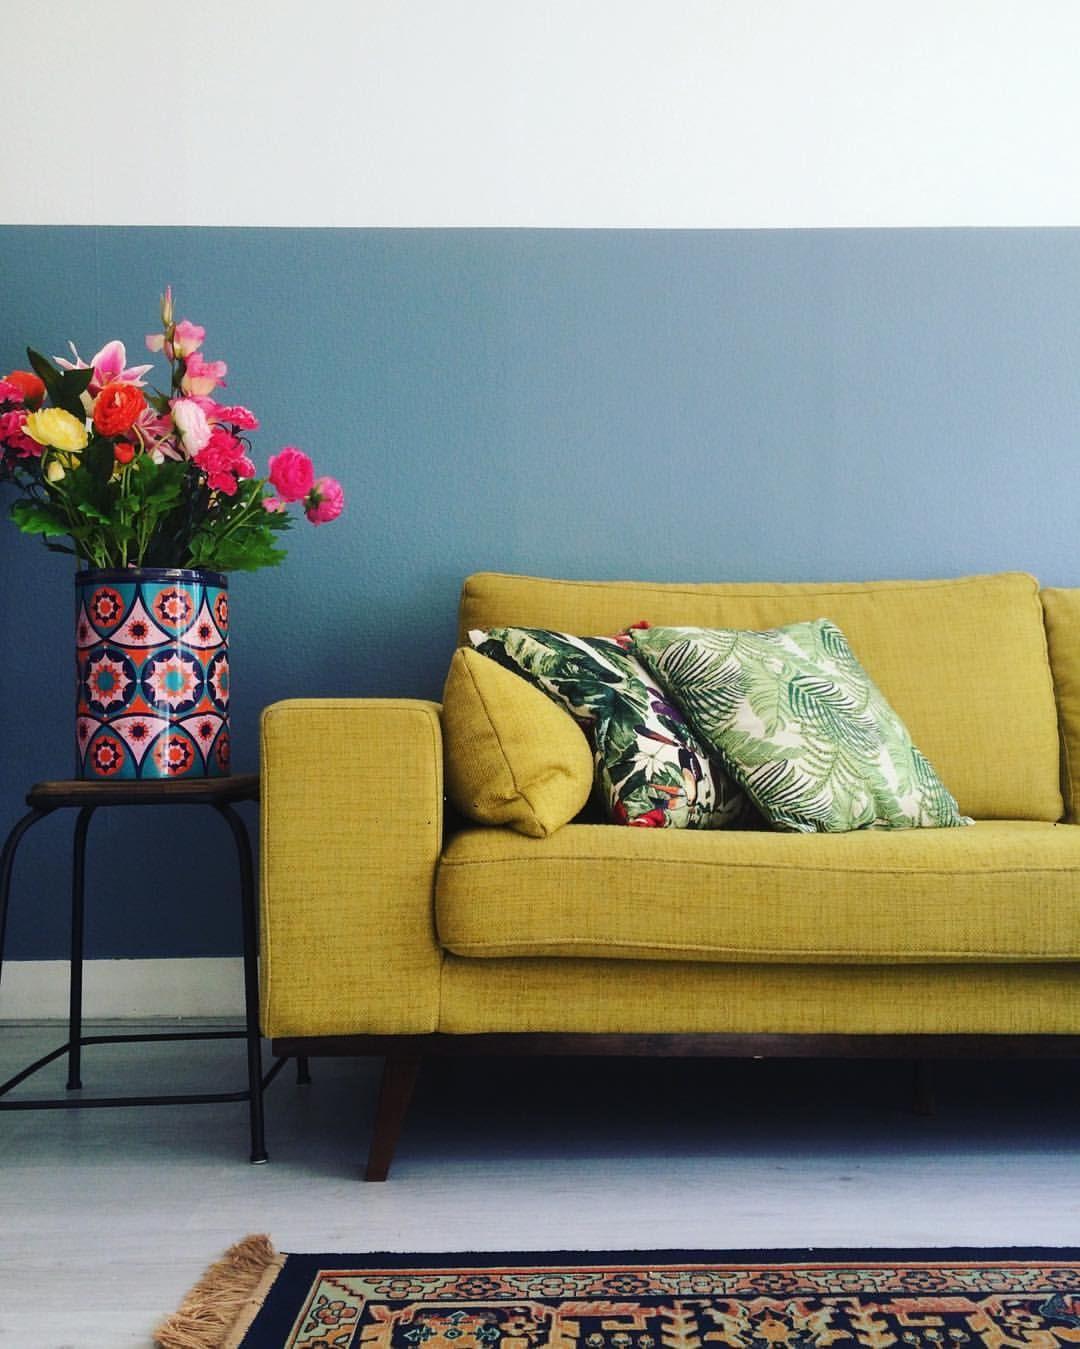 Leon S Mackenzie Sofa Dania Furniture Sleeper Sofas Half Painted Wall In Flexa Denim Drift Mustard Yellow